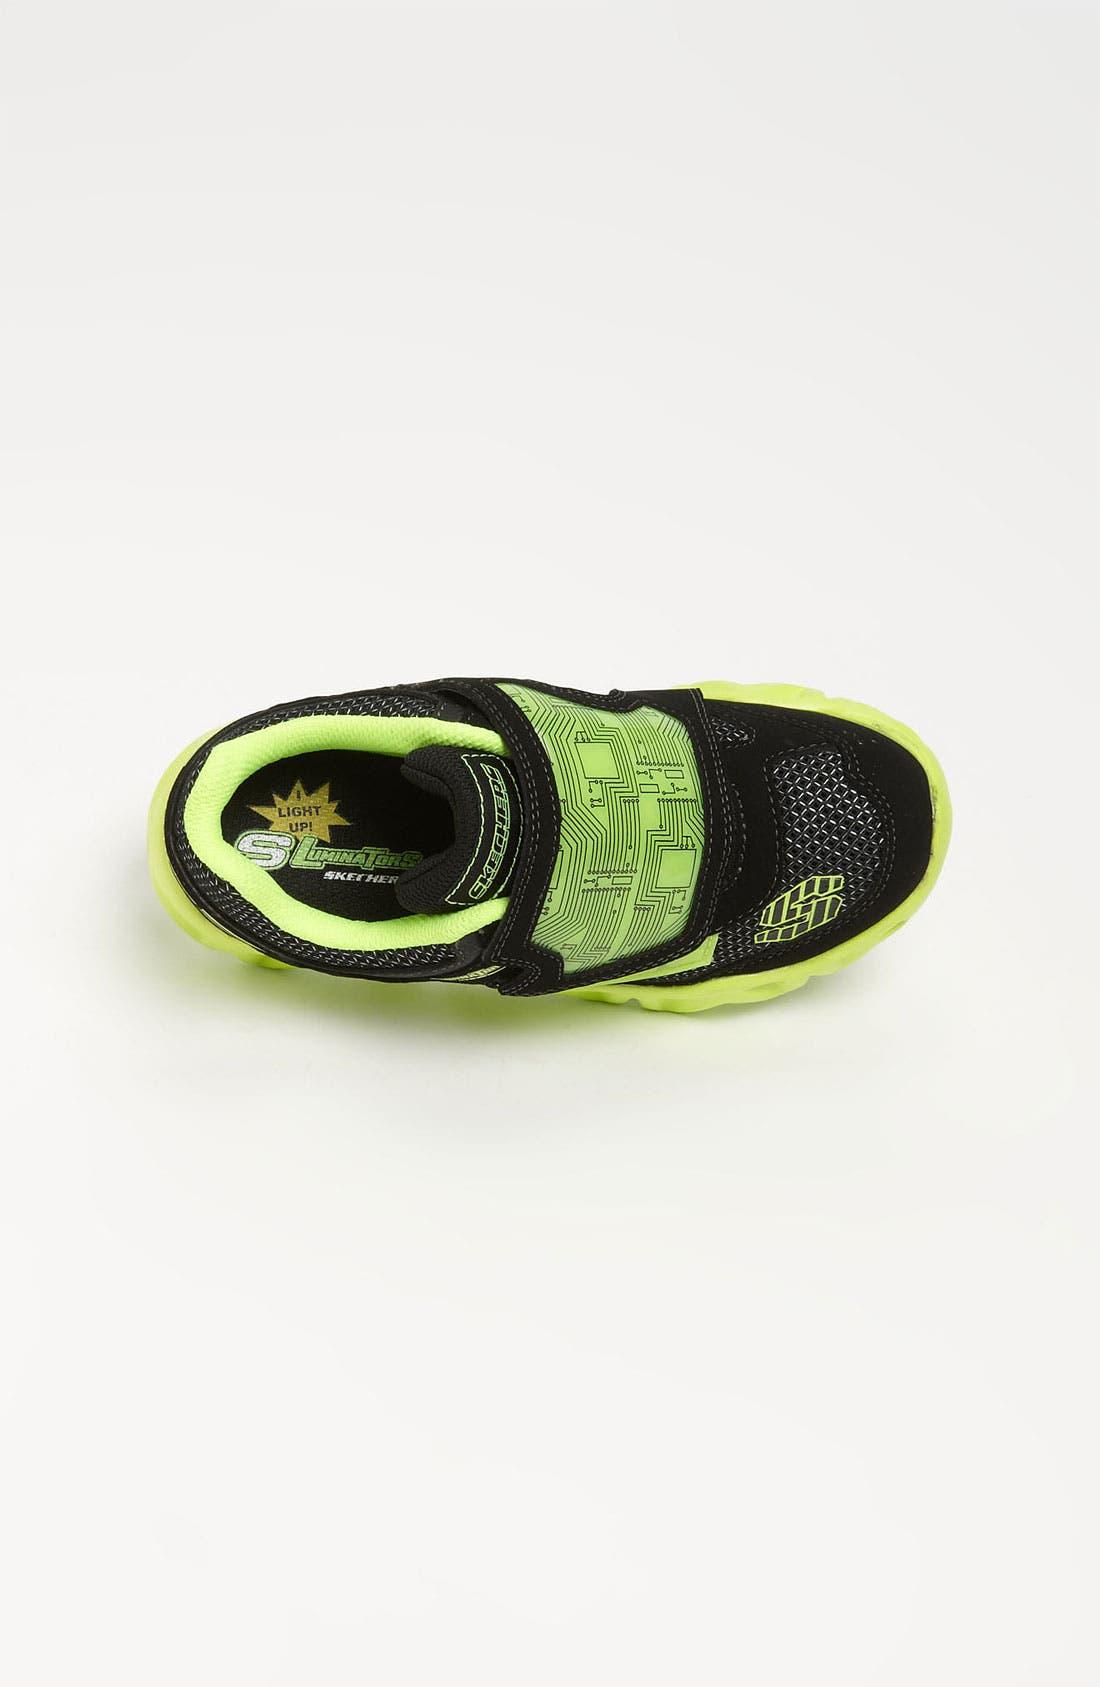 Alternate Image 3  - SKECHERS 'S Lights - Datarox' Light-Up Sneaker (Toddler & Little Kid)